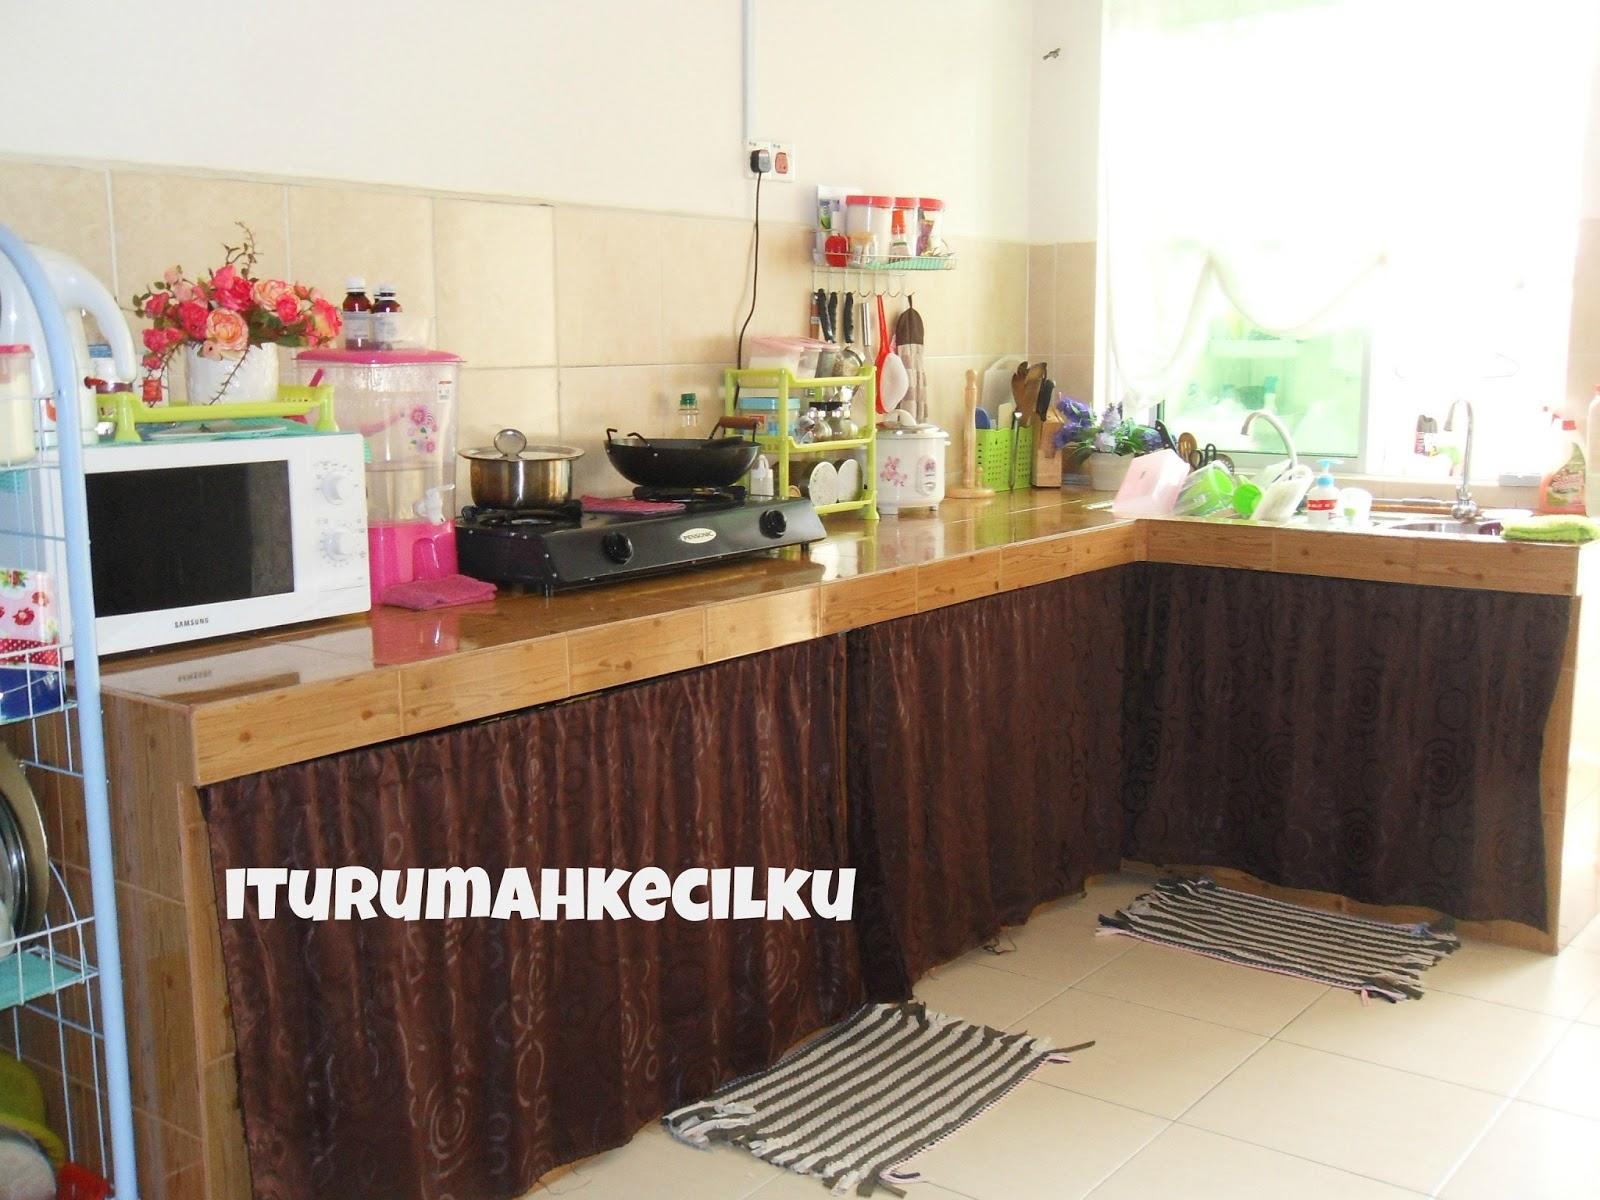 Inilah Dapur Saya Sangat Simple Budget Alhamdulillah Masuk Saja Rumah Ini Kami Buat Kabinet Dlu Tanpa Pintu Kak Fiza Ni Lah